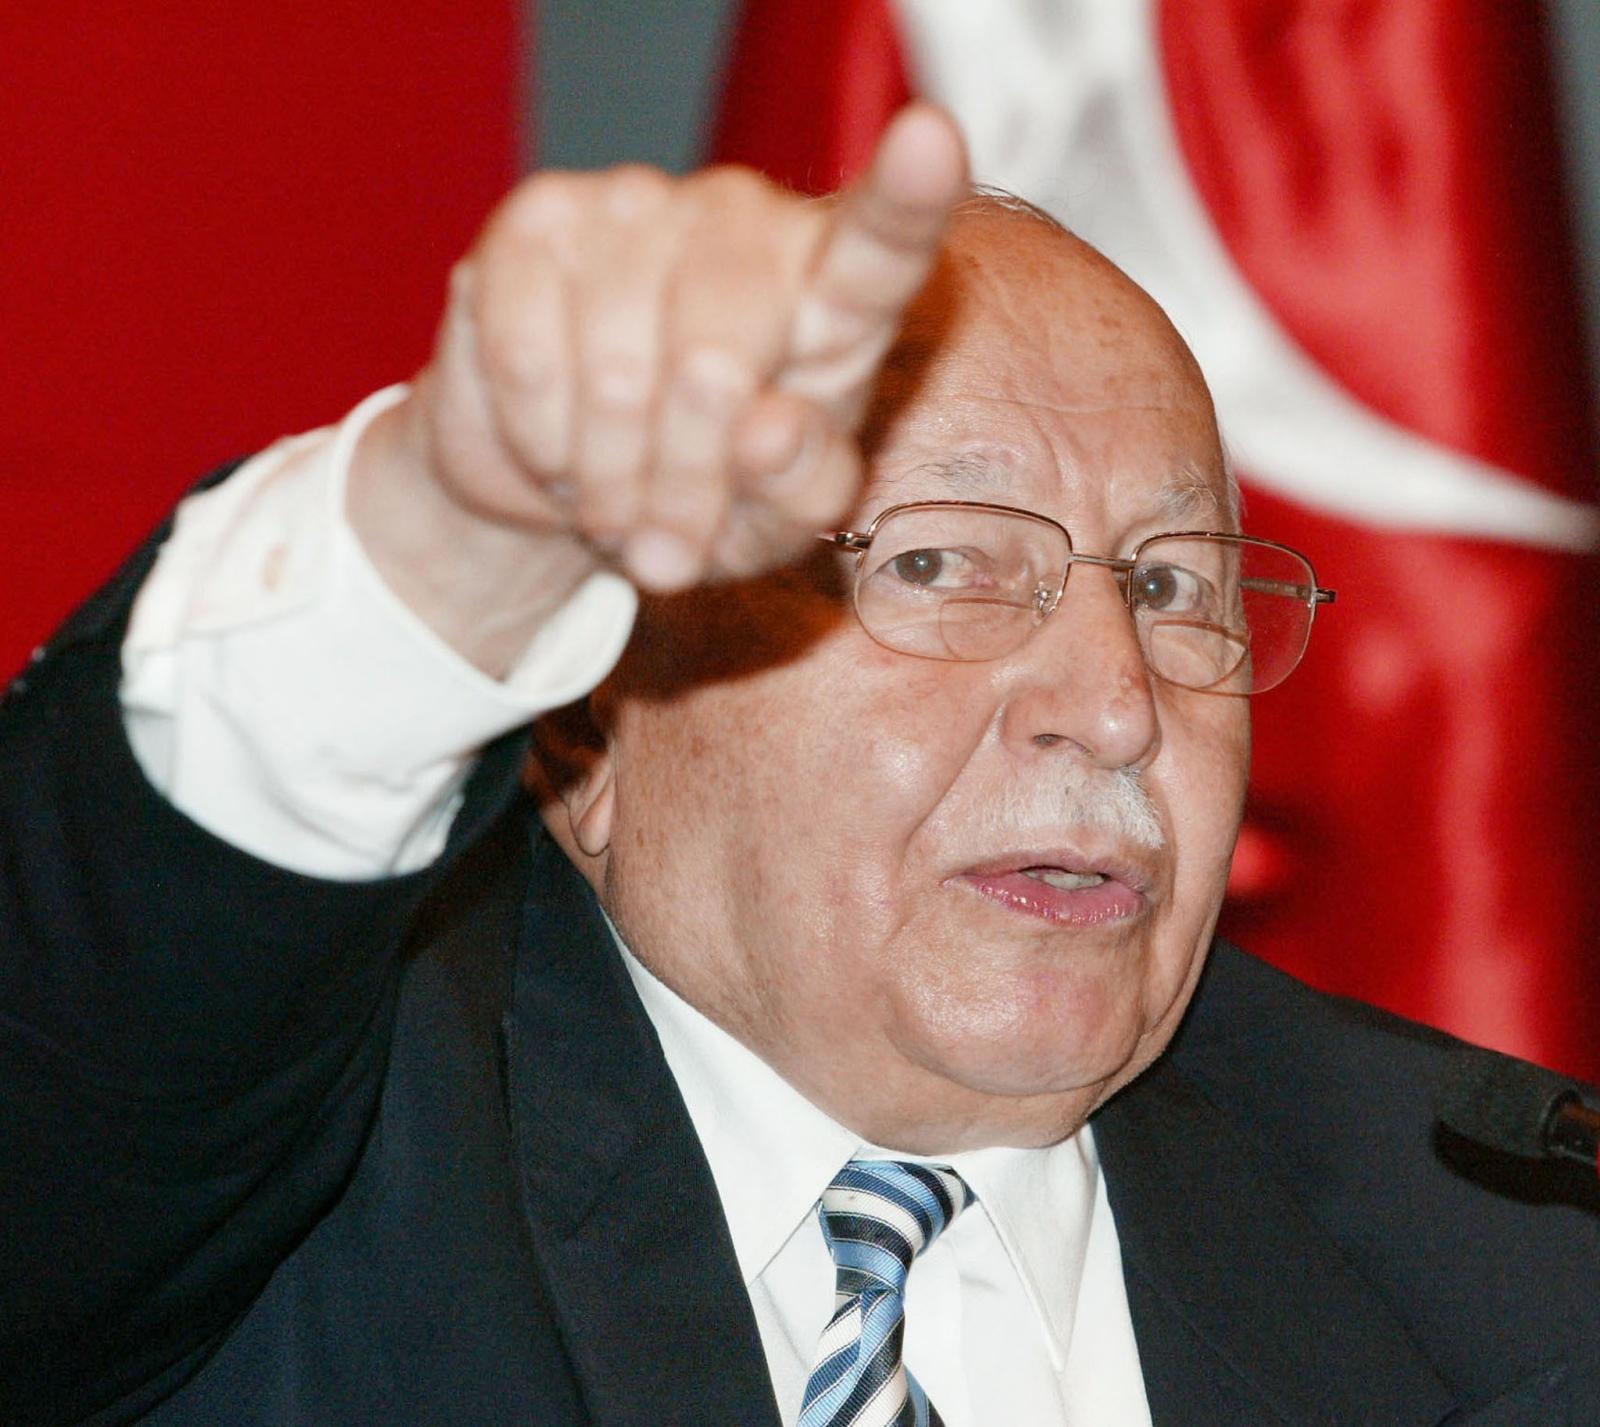 Turkey's former islamist prime minister Necmettin Erbakan